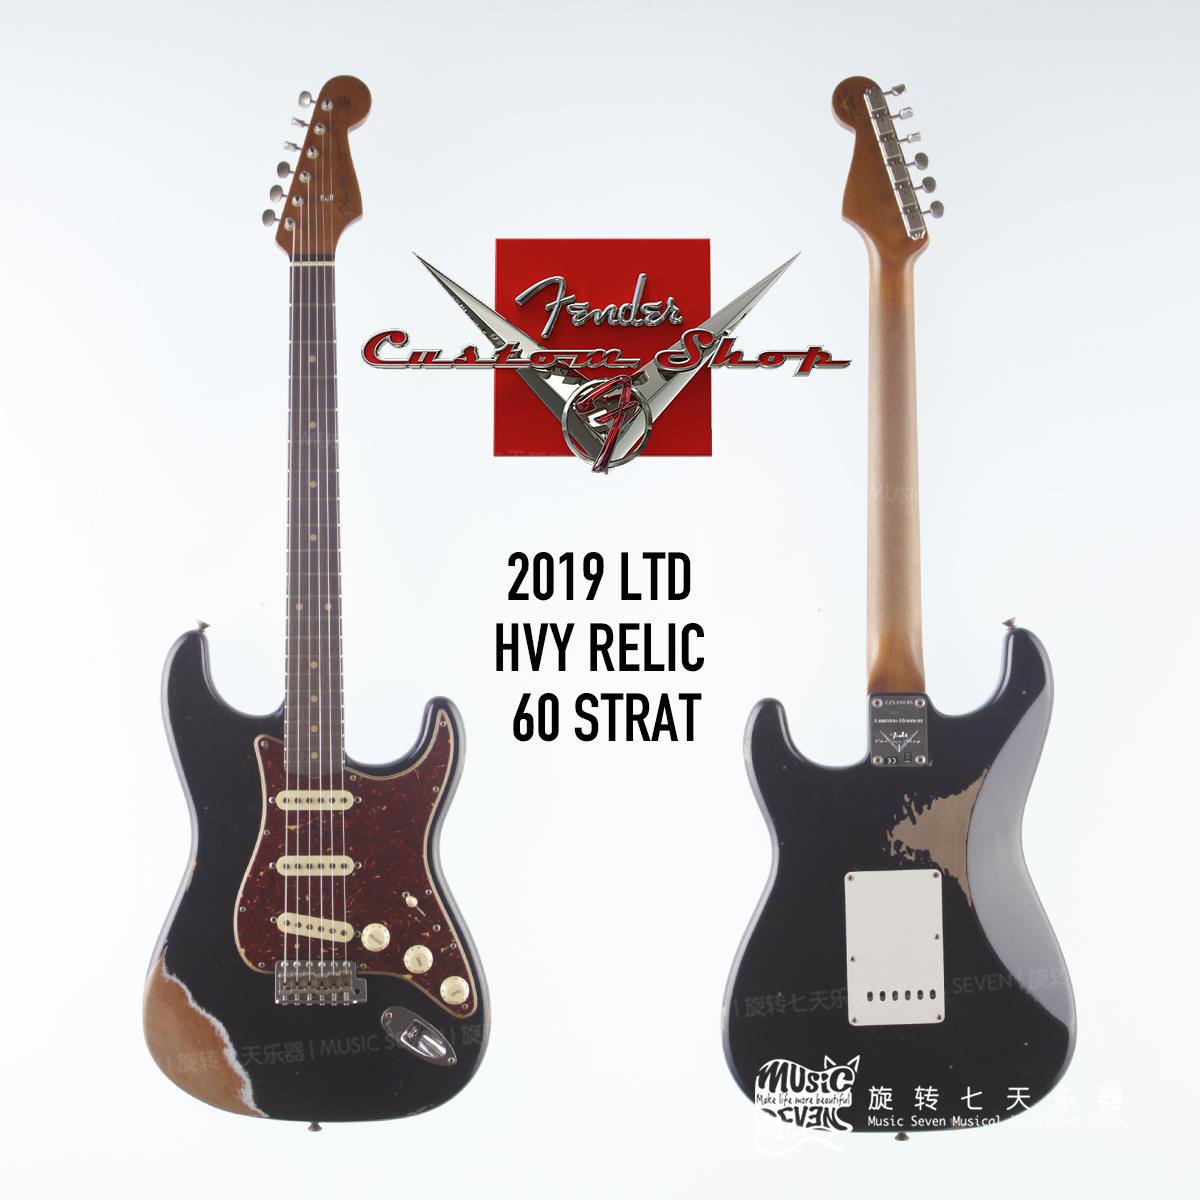 Fender Custom S33800.00元包邮